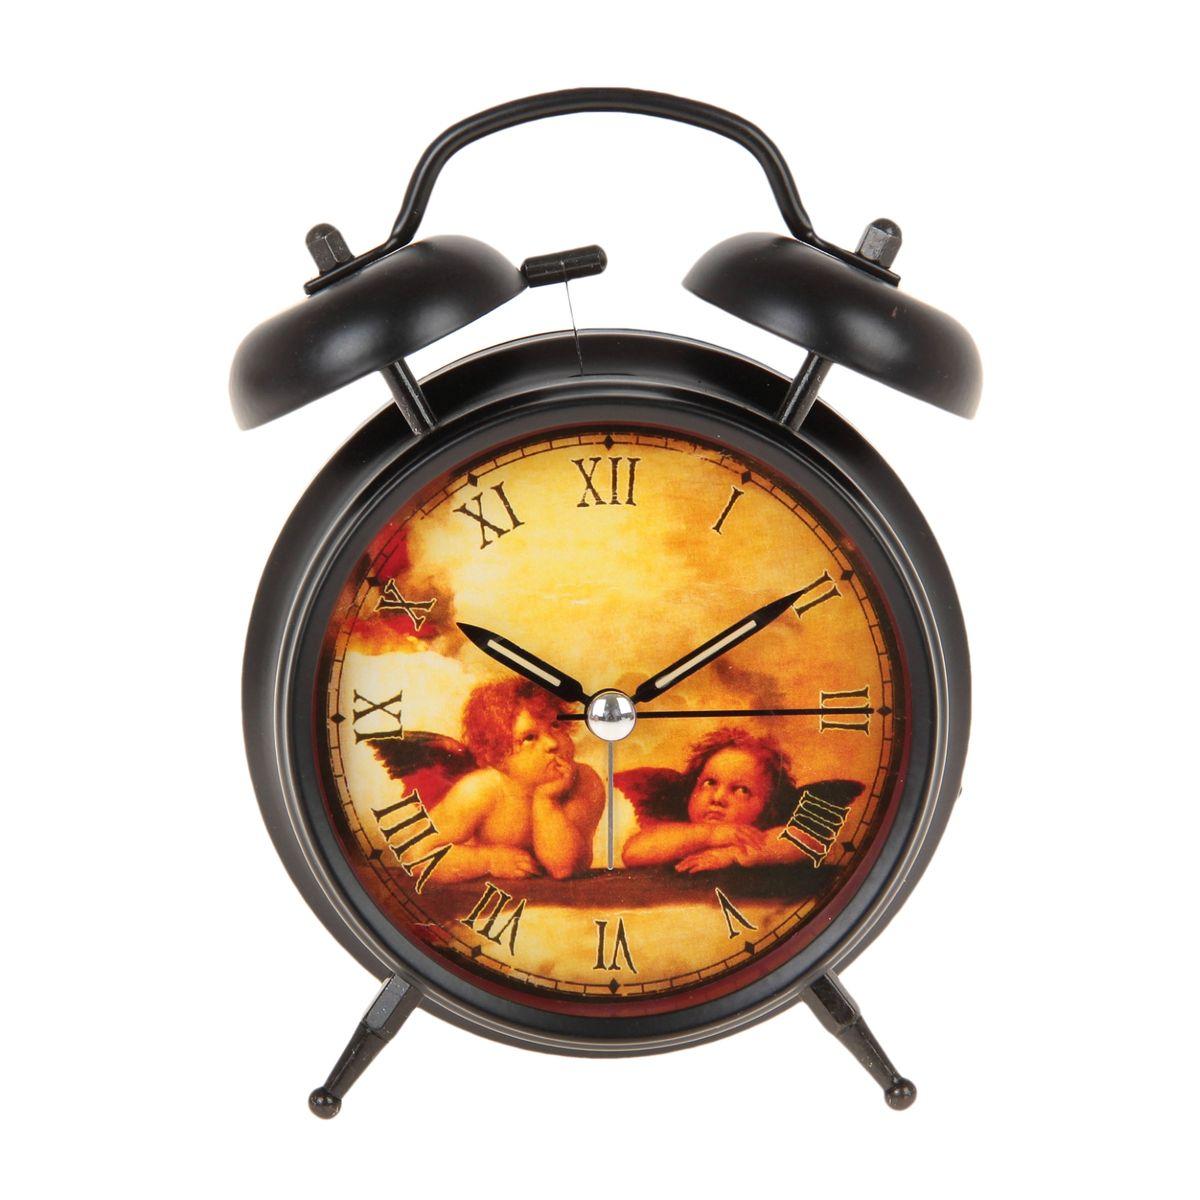 Часы-будильник Sima-land Ангелы Рафаэля. 669608VT-3527(BK)Как же сложно иногда вставать вовремя! Всегда так хочется поспать еще хотя бы 5 минут и бывает, что мы просыпаем. Теперь этого не случится! Яркий, оригинальный будильник Sima-land Ангелы Рафаэля поможет вам всегда вставать в нужное время и успевать везде и всюду.Корпус будильника выполнен из металла. Циферблат оформлен изображением ангелов по мотивам картин Рафаэля. Часы снабжены 4 стрелками (секундная, минутная, часовая и для будильника). На задней панели будильника расположен переключатель включения/выключения механизма, а также два колесика для настройки текущего времени и времени звонка будильника. Изделие снабжено подсветкой, которая включается нажатием на кнопку с задней стороны корпуса. Часовая и минутная стрелки покрыты люминесцентным раствором, светящимся в темноте. Пользоваться будильником очень легко: нужно всего лишь поставить батарейку, настроить точное время и установить время звонка. Необходимо докупить 1 батарейку типа АА (не входит в комплект).